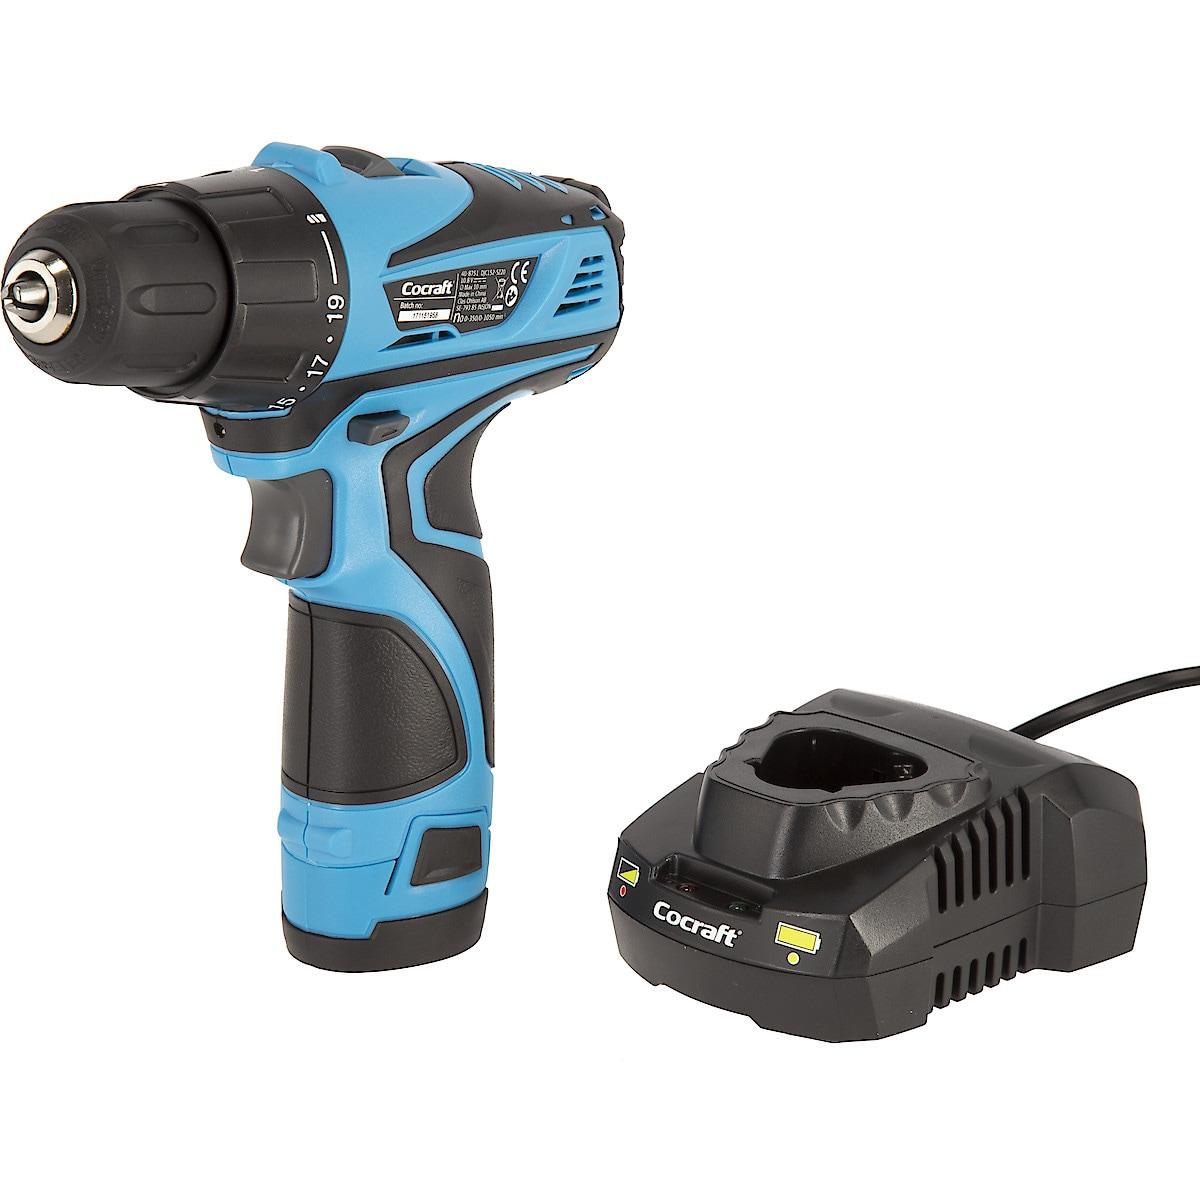 Cocraft HD 10,8-LI drill